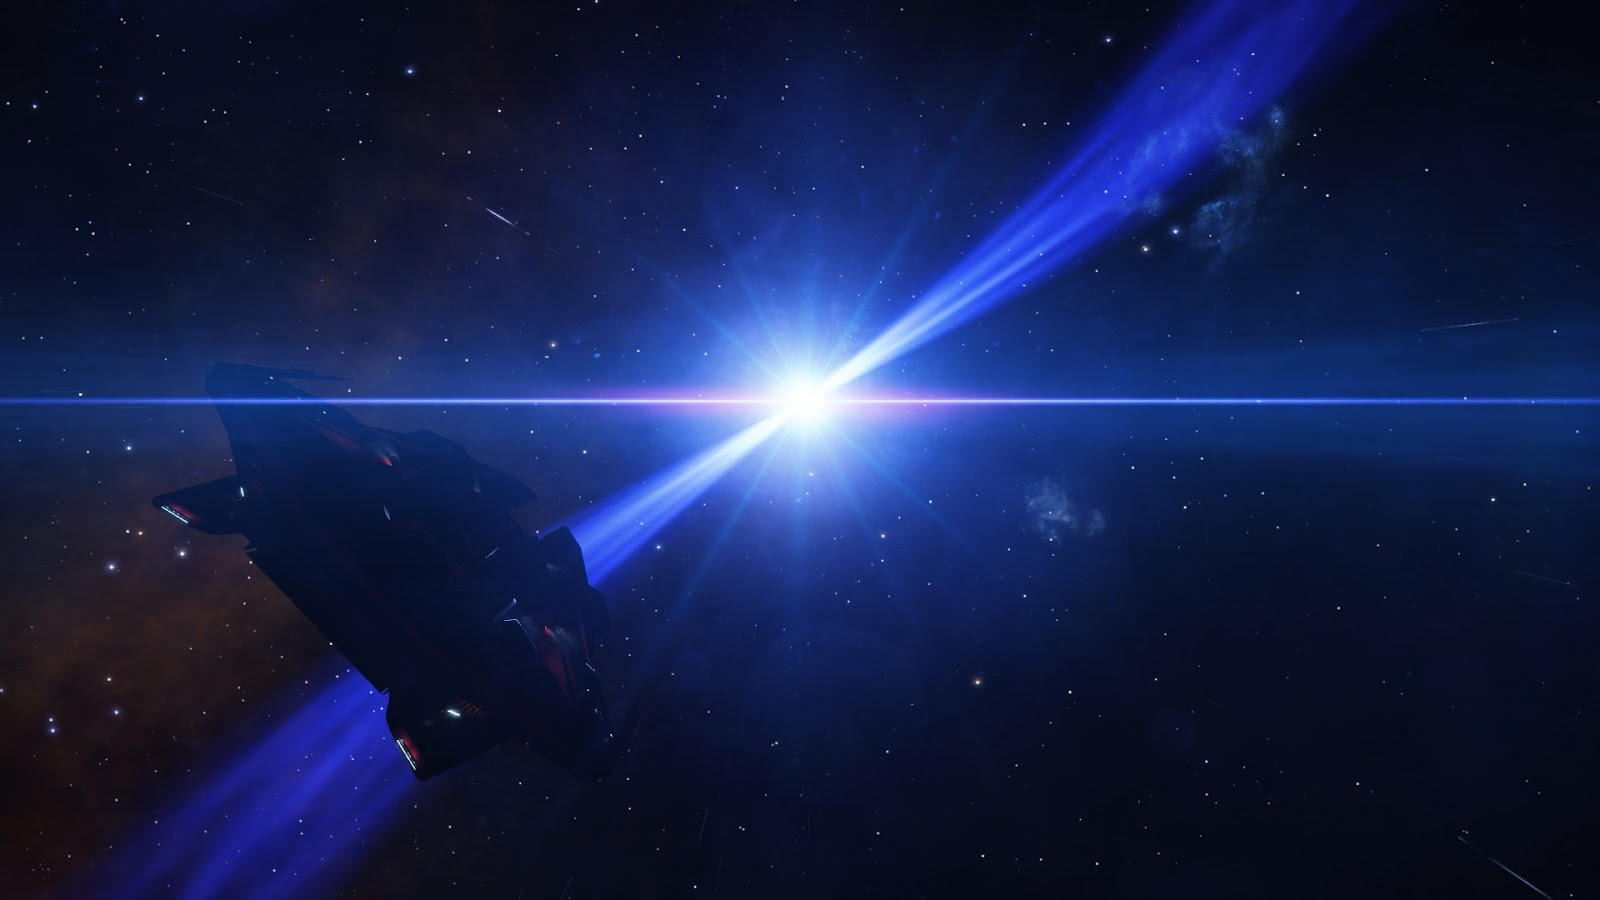 Az űrhajóm egy fehér törpe felé repül.